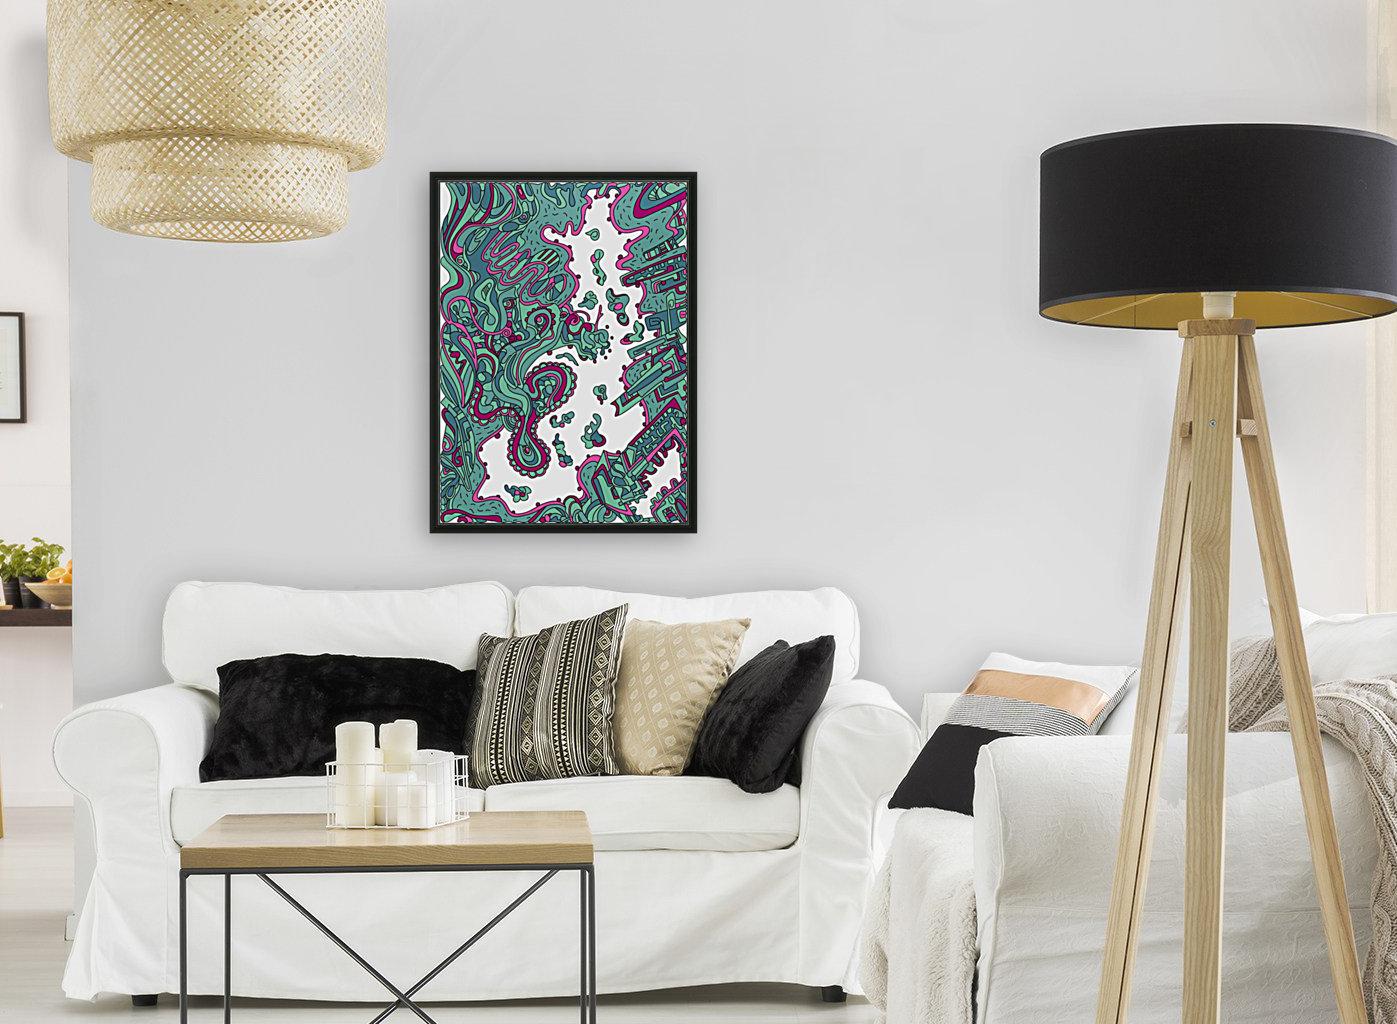 Wandering Abstract Line Art 20: Green  Art